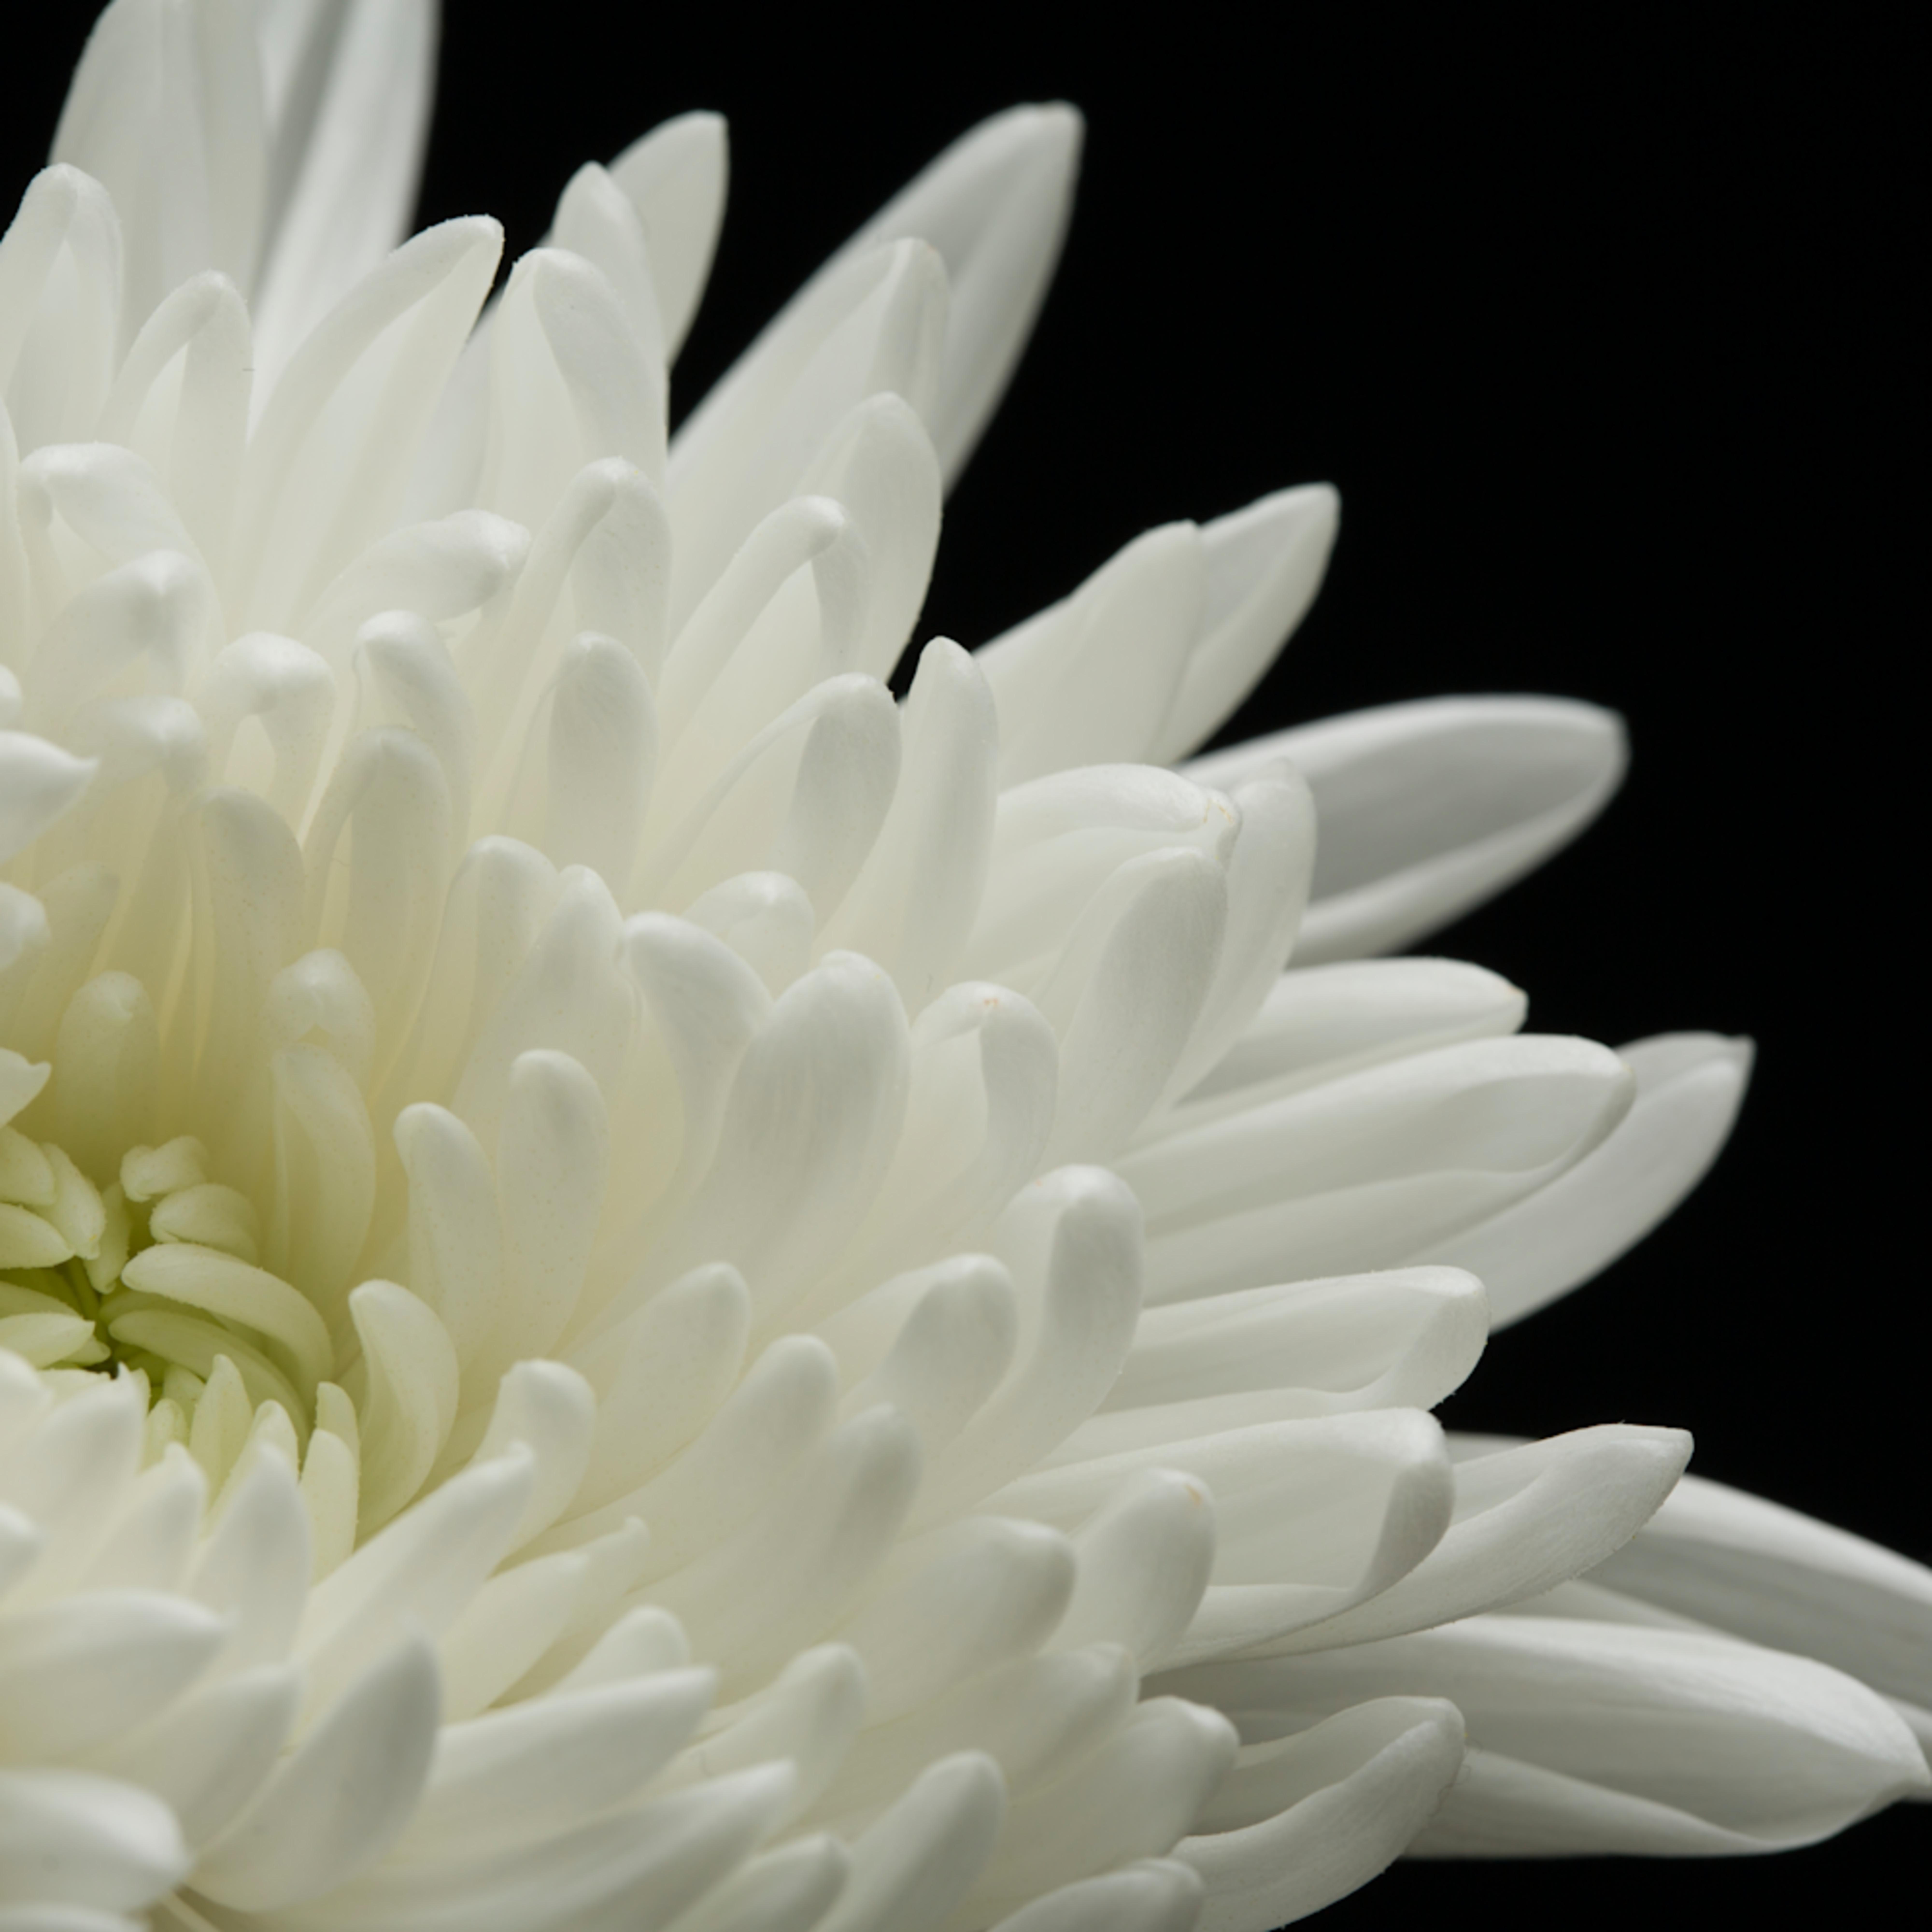 Mbp studio flowers 20120402 1353 2 ucce1q